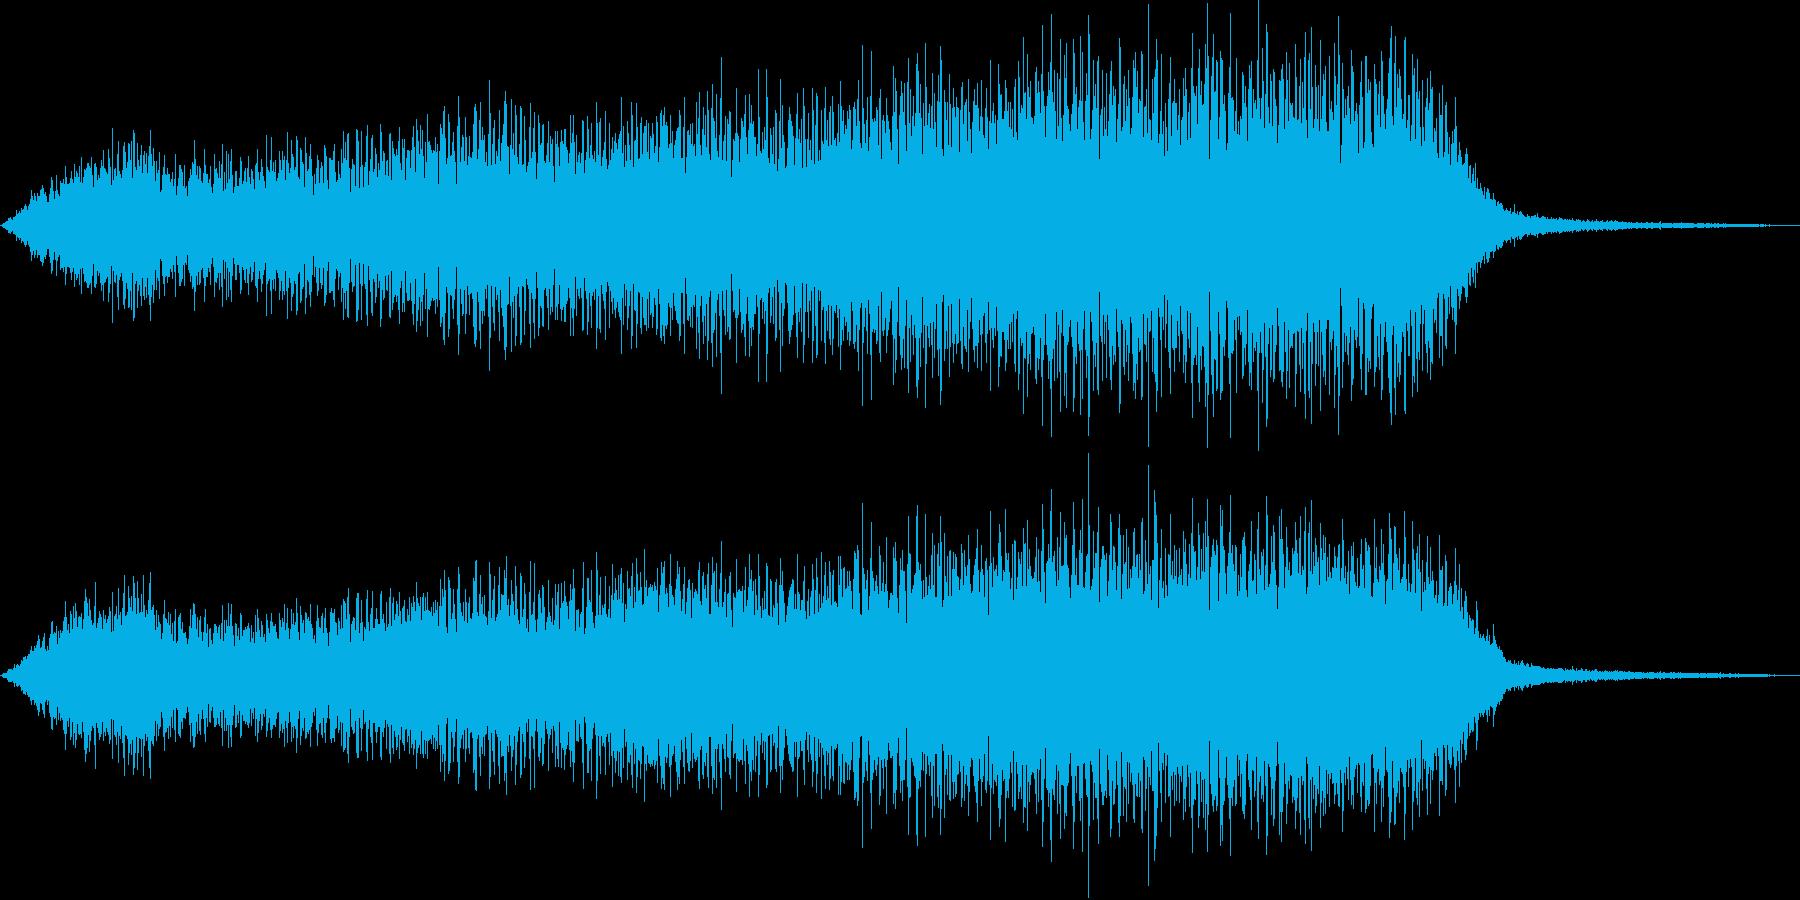 蒸気機関車の汽笛2の再生済みの波形